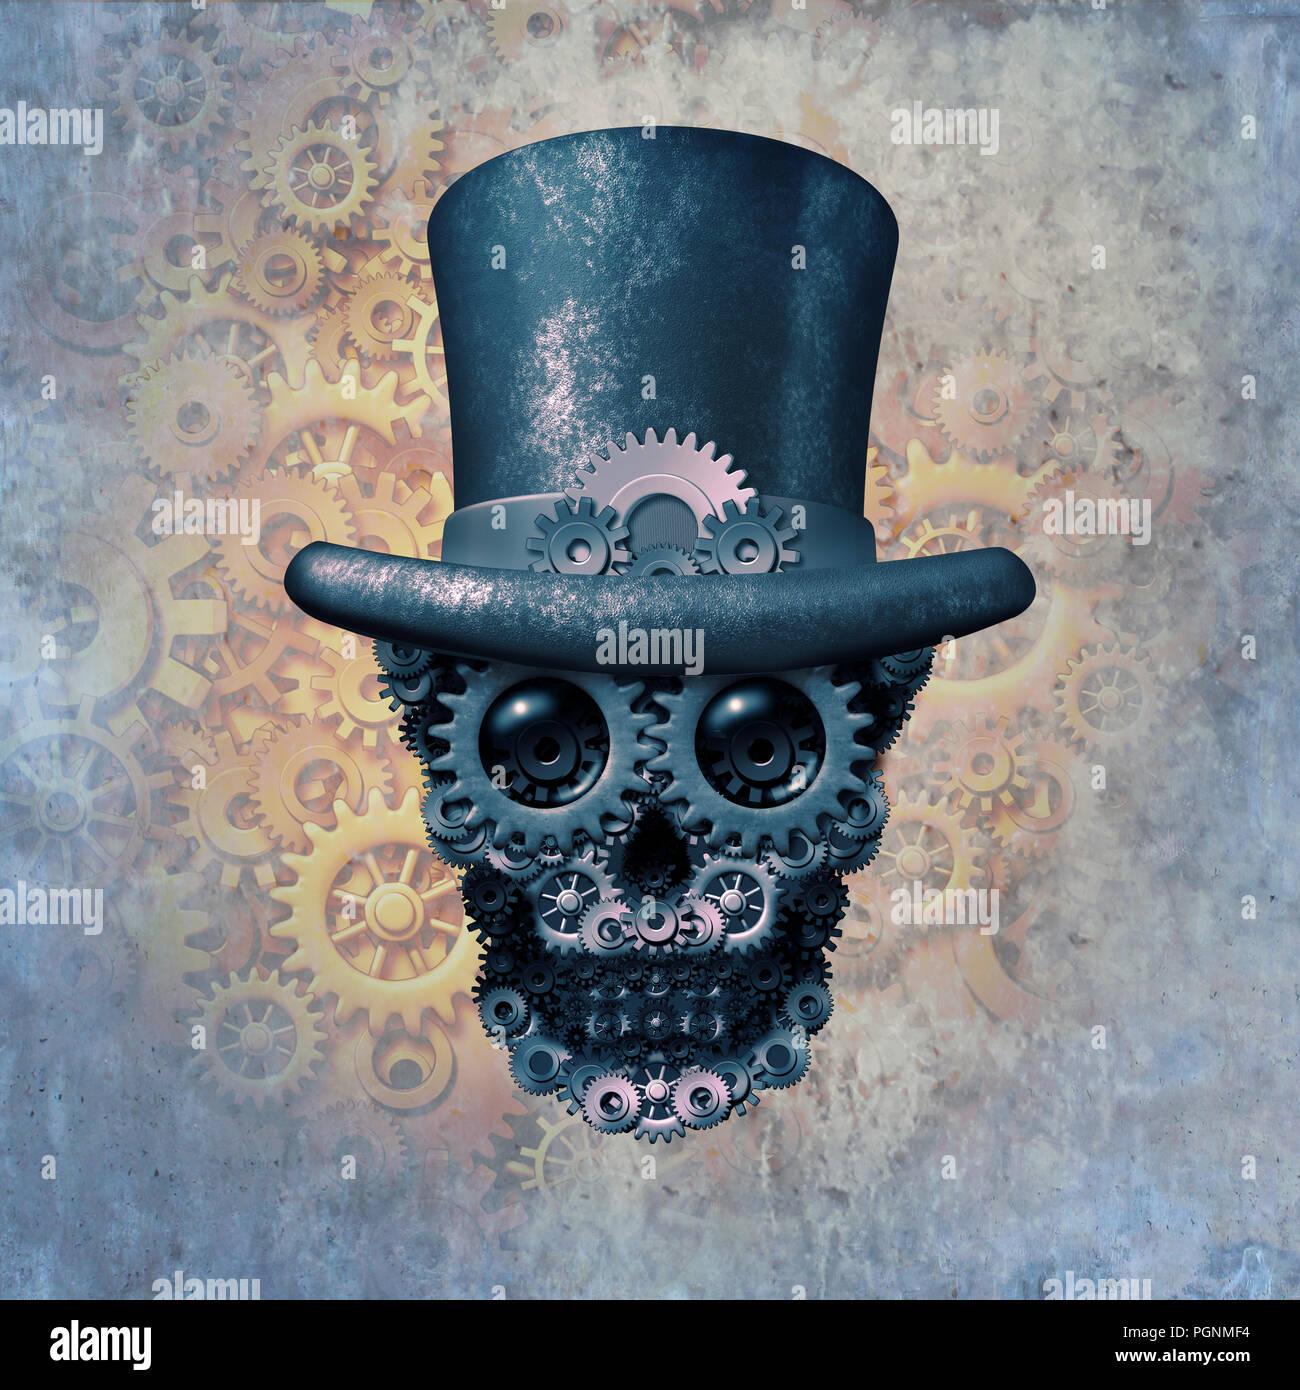 Concept du crâne ou de la vapeur Steampunk punk science fiction fantasy historique avec un groupe d'engrenages et de pignons en forme de tête de squelette. Photo Stock